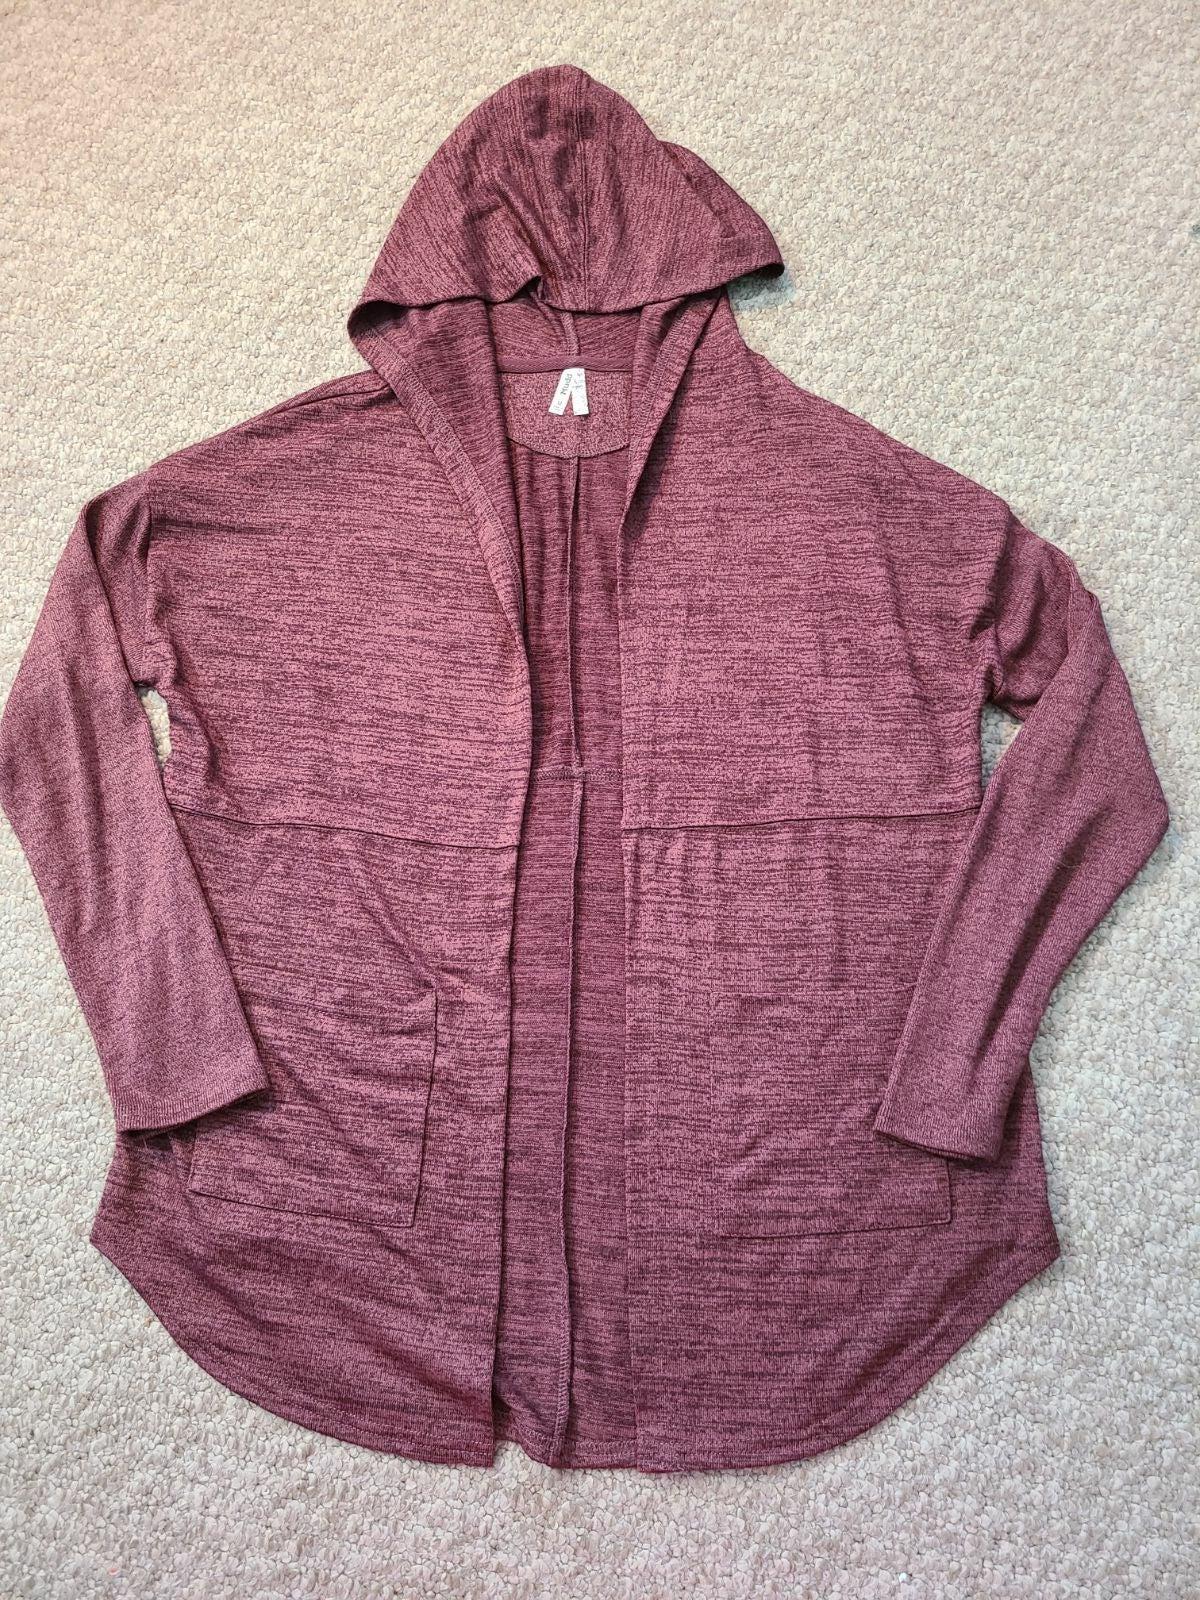 Mudd Sweater Hooded Shirt Juniors Medium